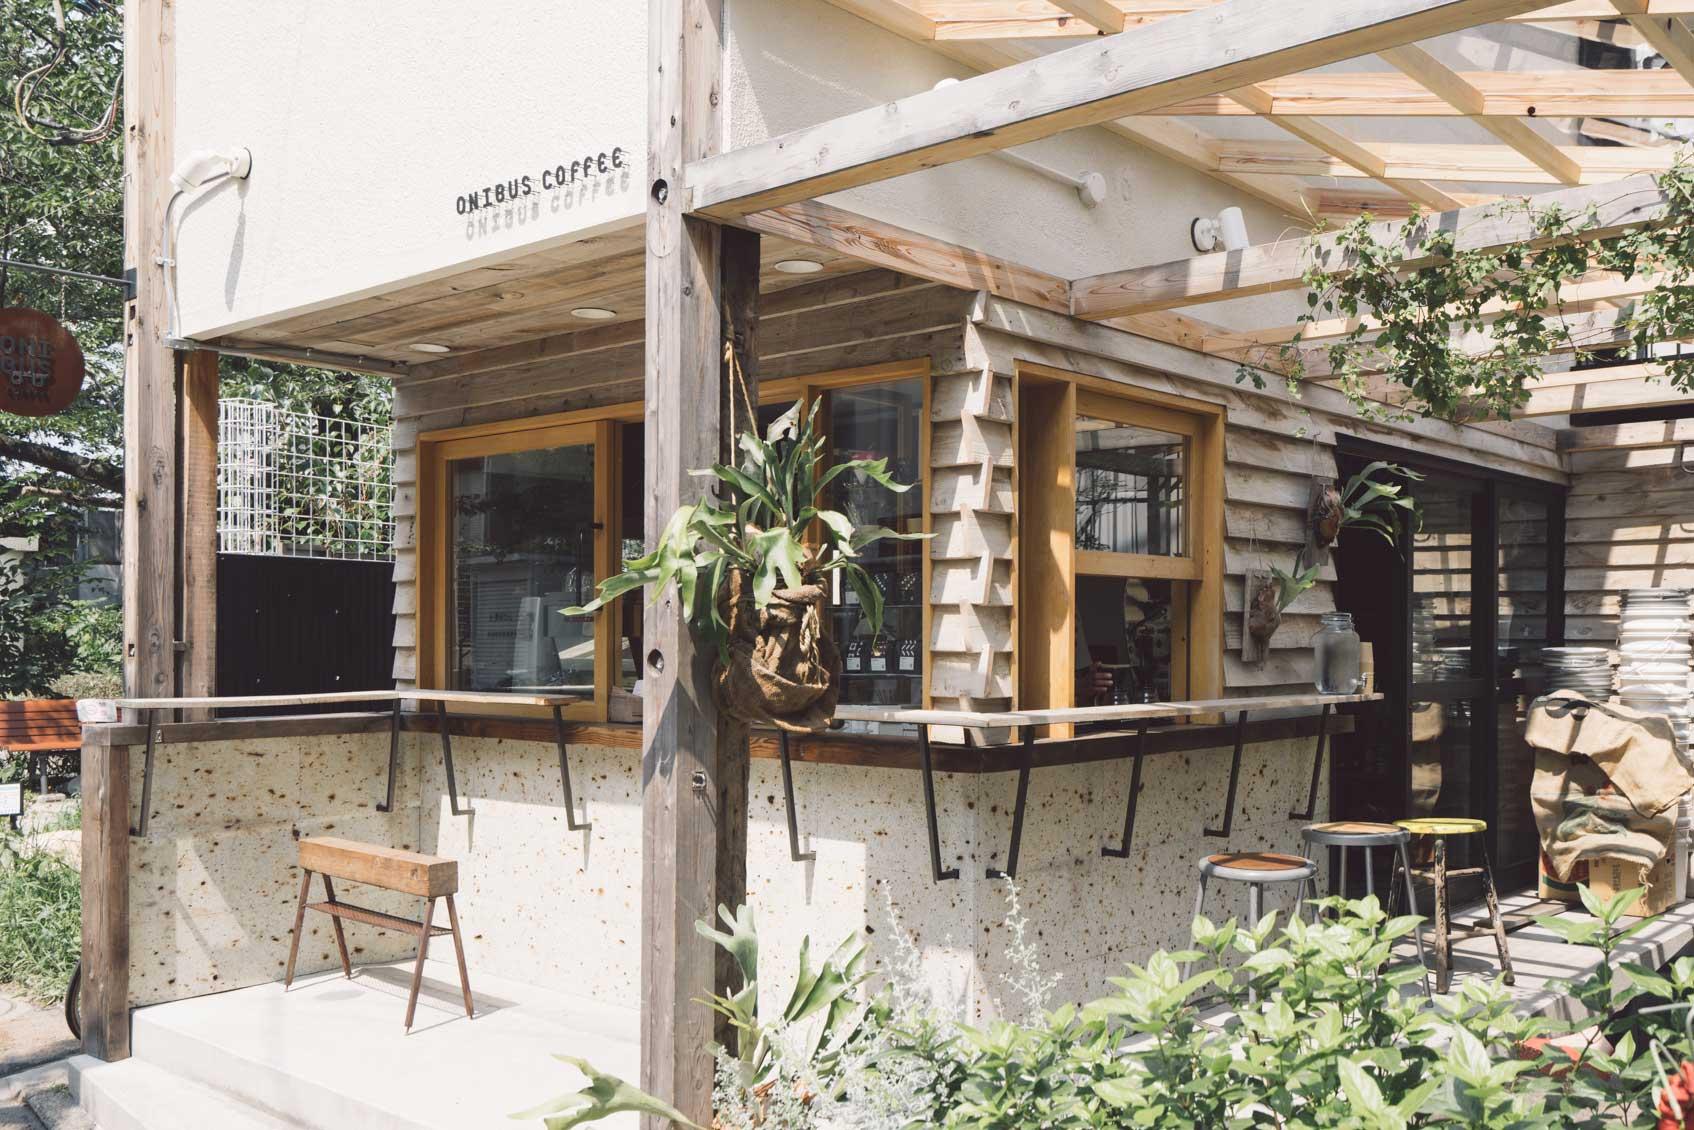 おしゃれなイメージの多い東横線ですが、自由が丘、中目黒などの急行停車駅は「とにかくアクセスが便利」なことも重要な利点。(空間と人との繋がりを楽しむロースター&カフェ 『ONIBUS COFFEE』 (東京・中目黒))